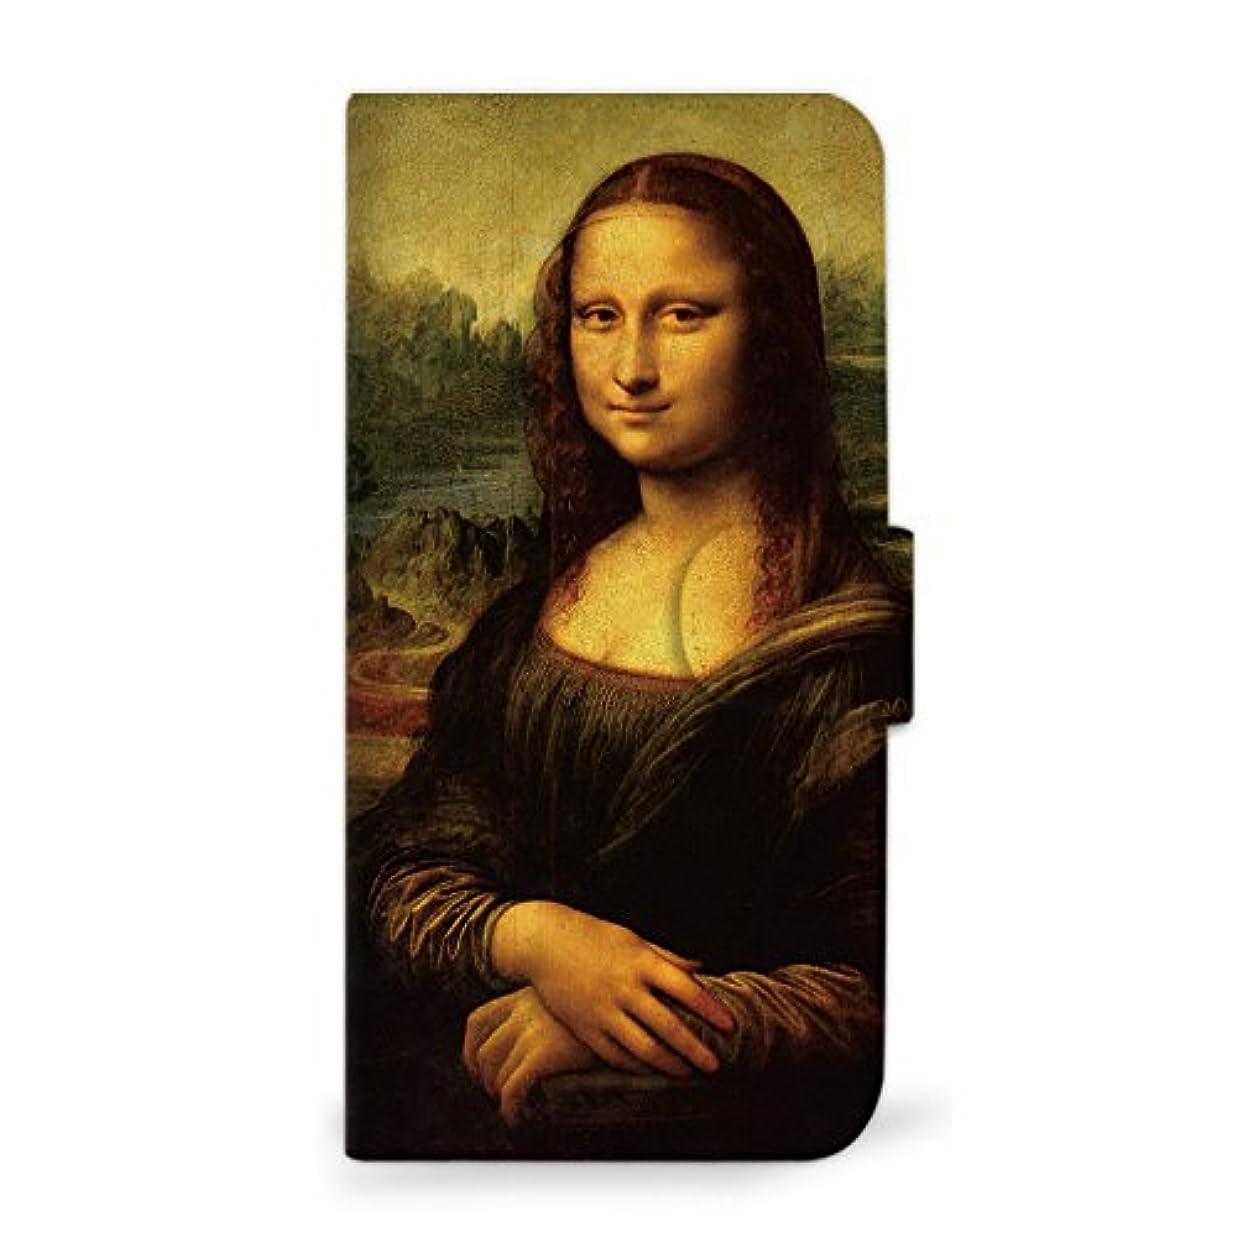 割る正しい否定するmitas Xperia Z4 402SO ケース 手帳型  絵画 ダヴィンチ モナリザ ダヴィンチ?モナリザ (183) SC-0224-A/402SO